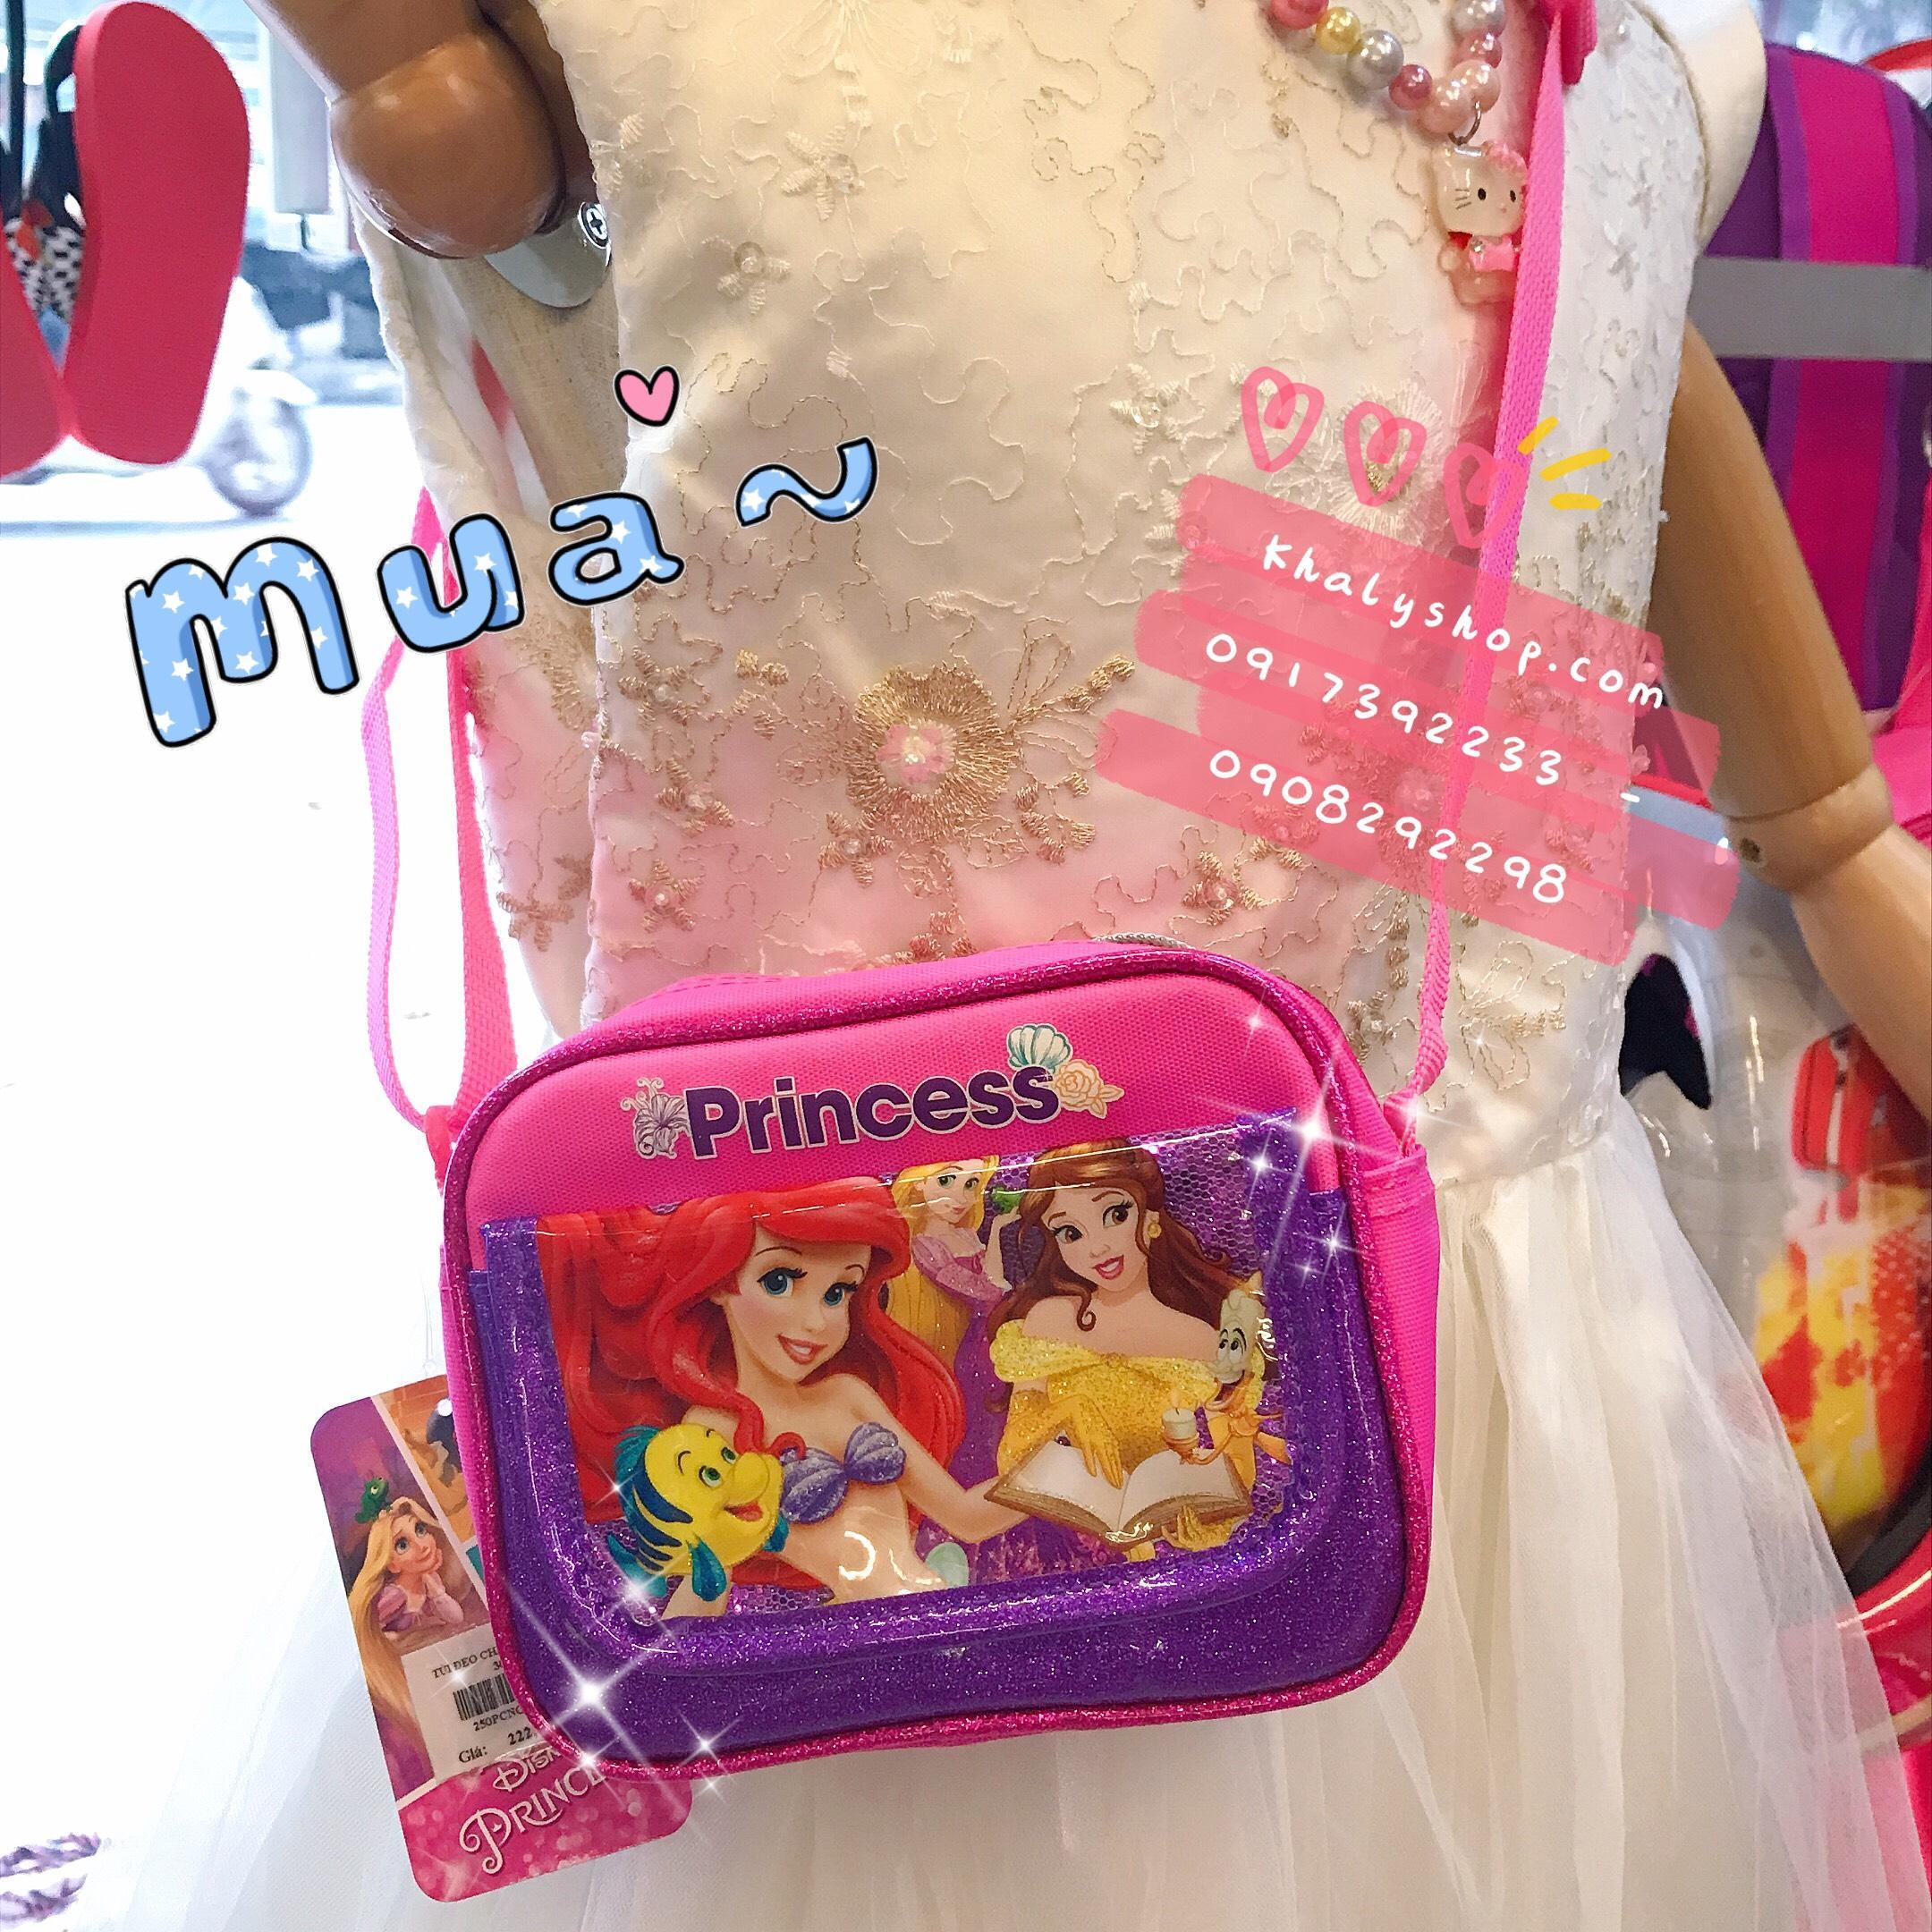 Giá bán Túi đeo chéo hình công chúa Princess Disney 2 ngăn màu hồng viền tím cho bé gái (Thái Lan) - 250PCNG3036199 - (14x4x11cm)